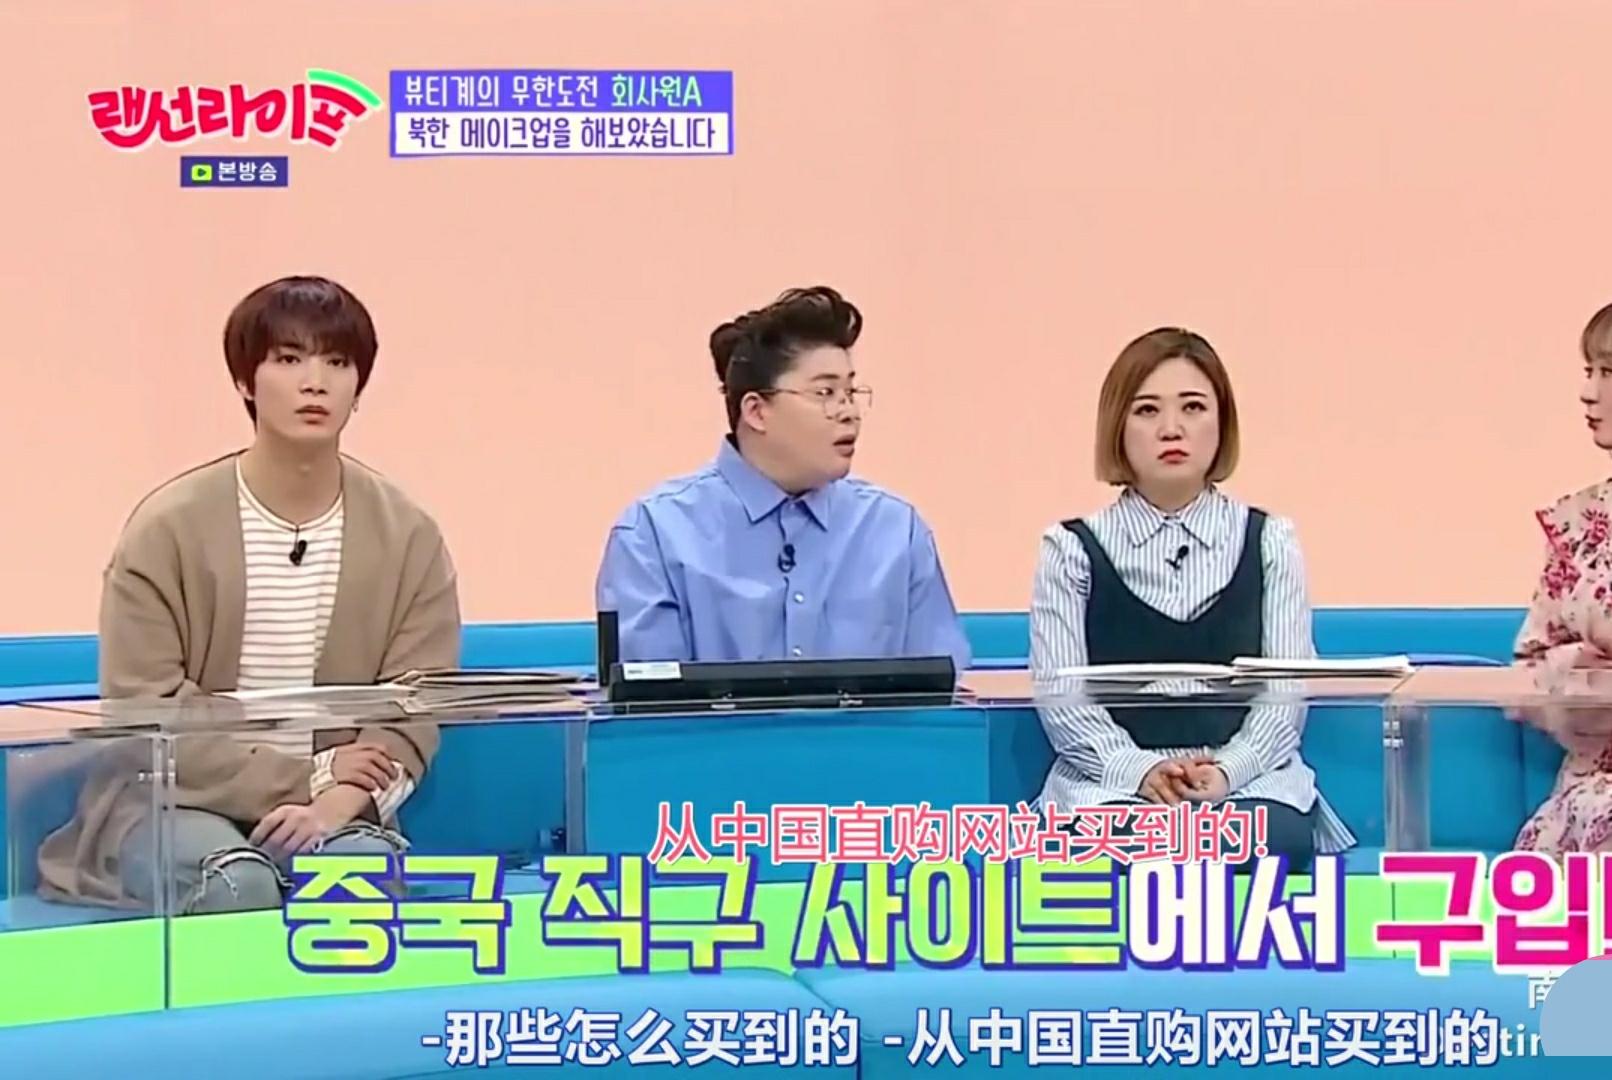 韩国女星吐槽中国假冒化妆品太多,却费尽心思,入手中国产化妆品